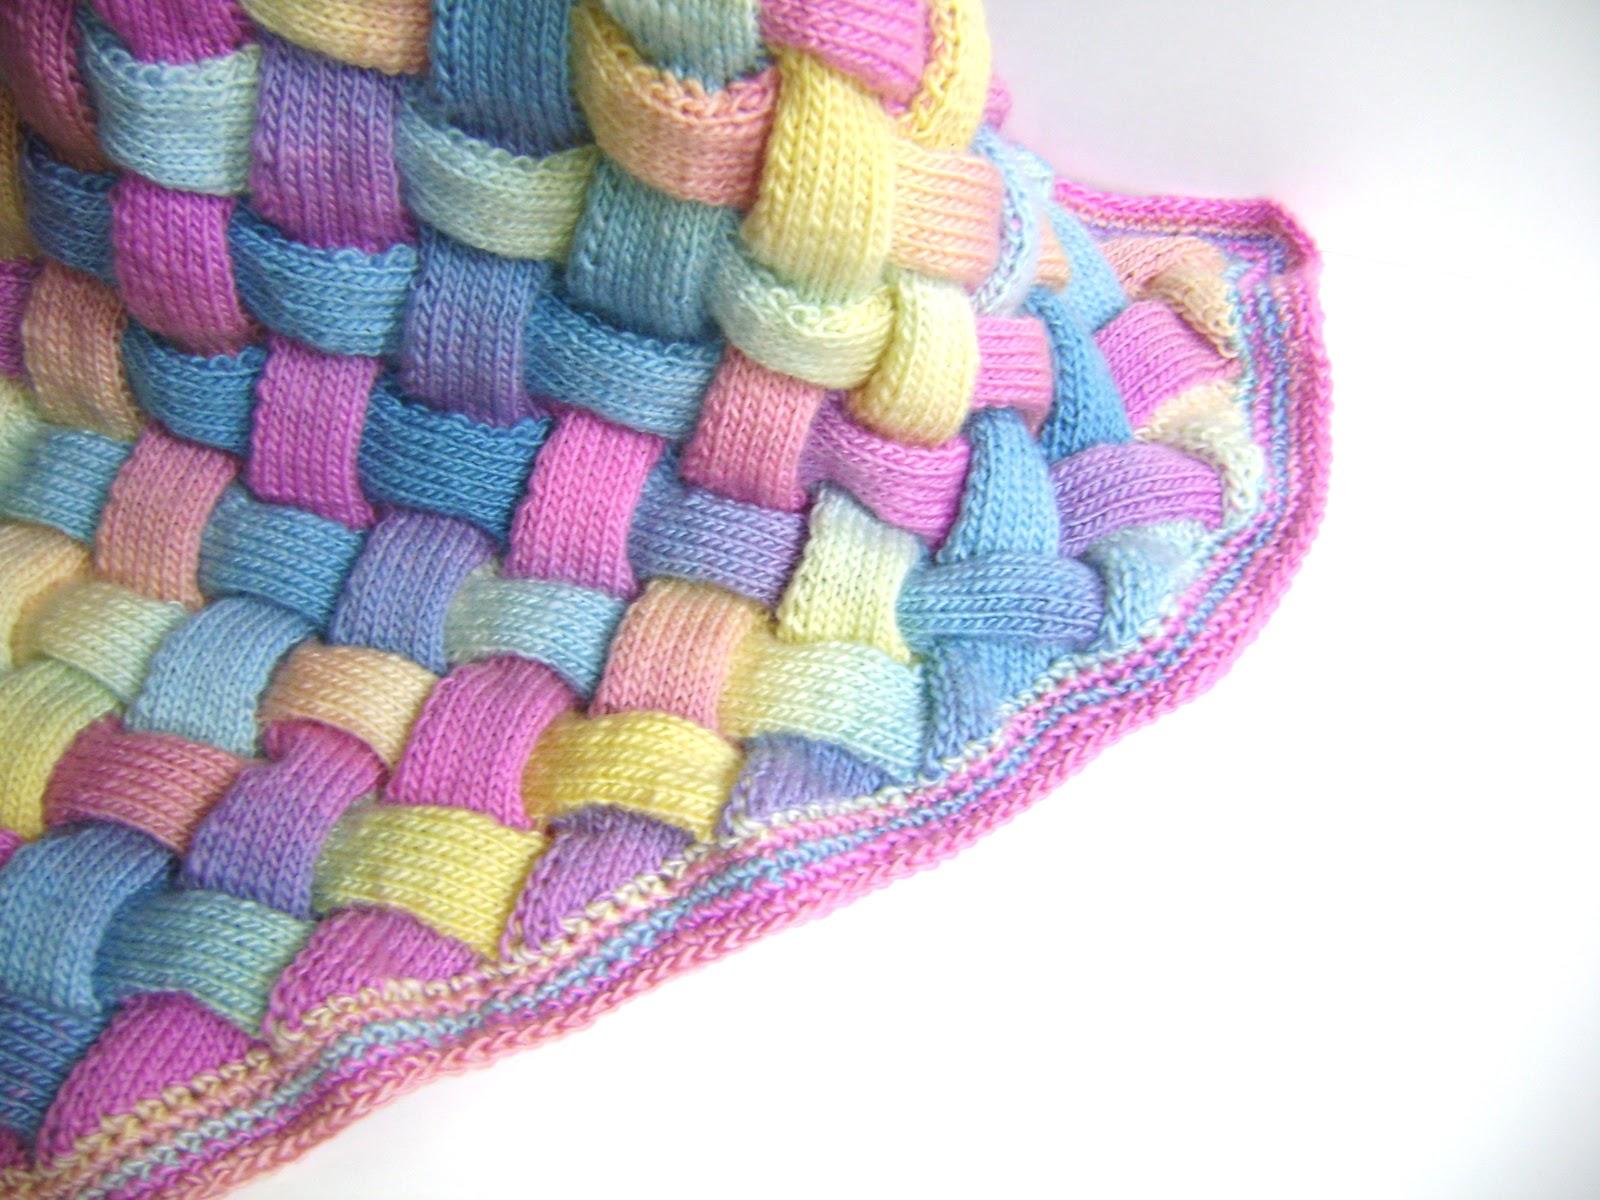 Entrelac Afghan Knitting Pattern : Creative Designs by Sheila Zachariae: Rainbow Entrelac Blanket